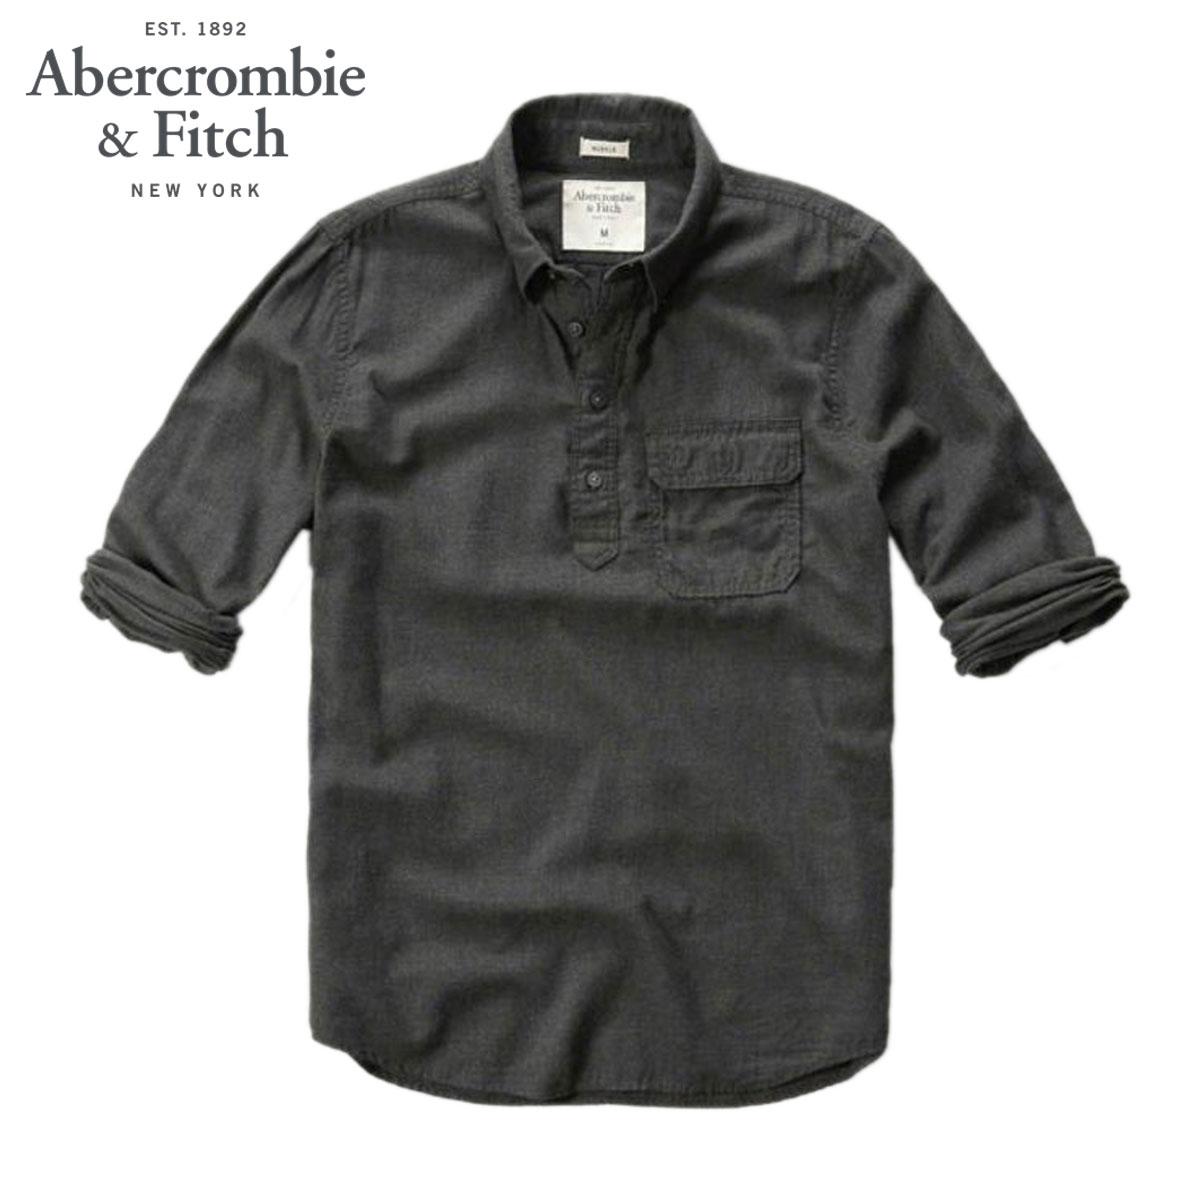 アバクロ Abercrombie&Fitch 正規品 メンズ 長袖シャツ MUSCLE FIT POLLOVER SHIRT 125-168-2051-012 D00S20